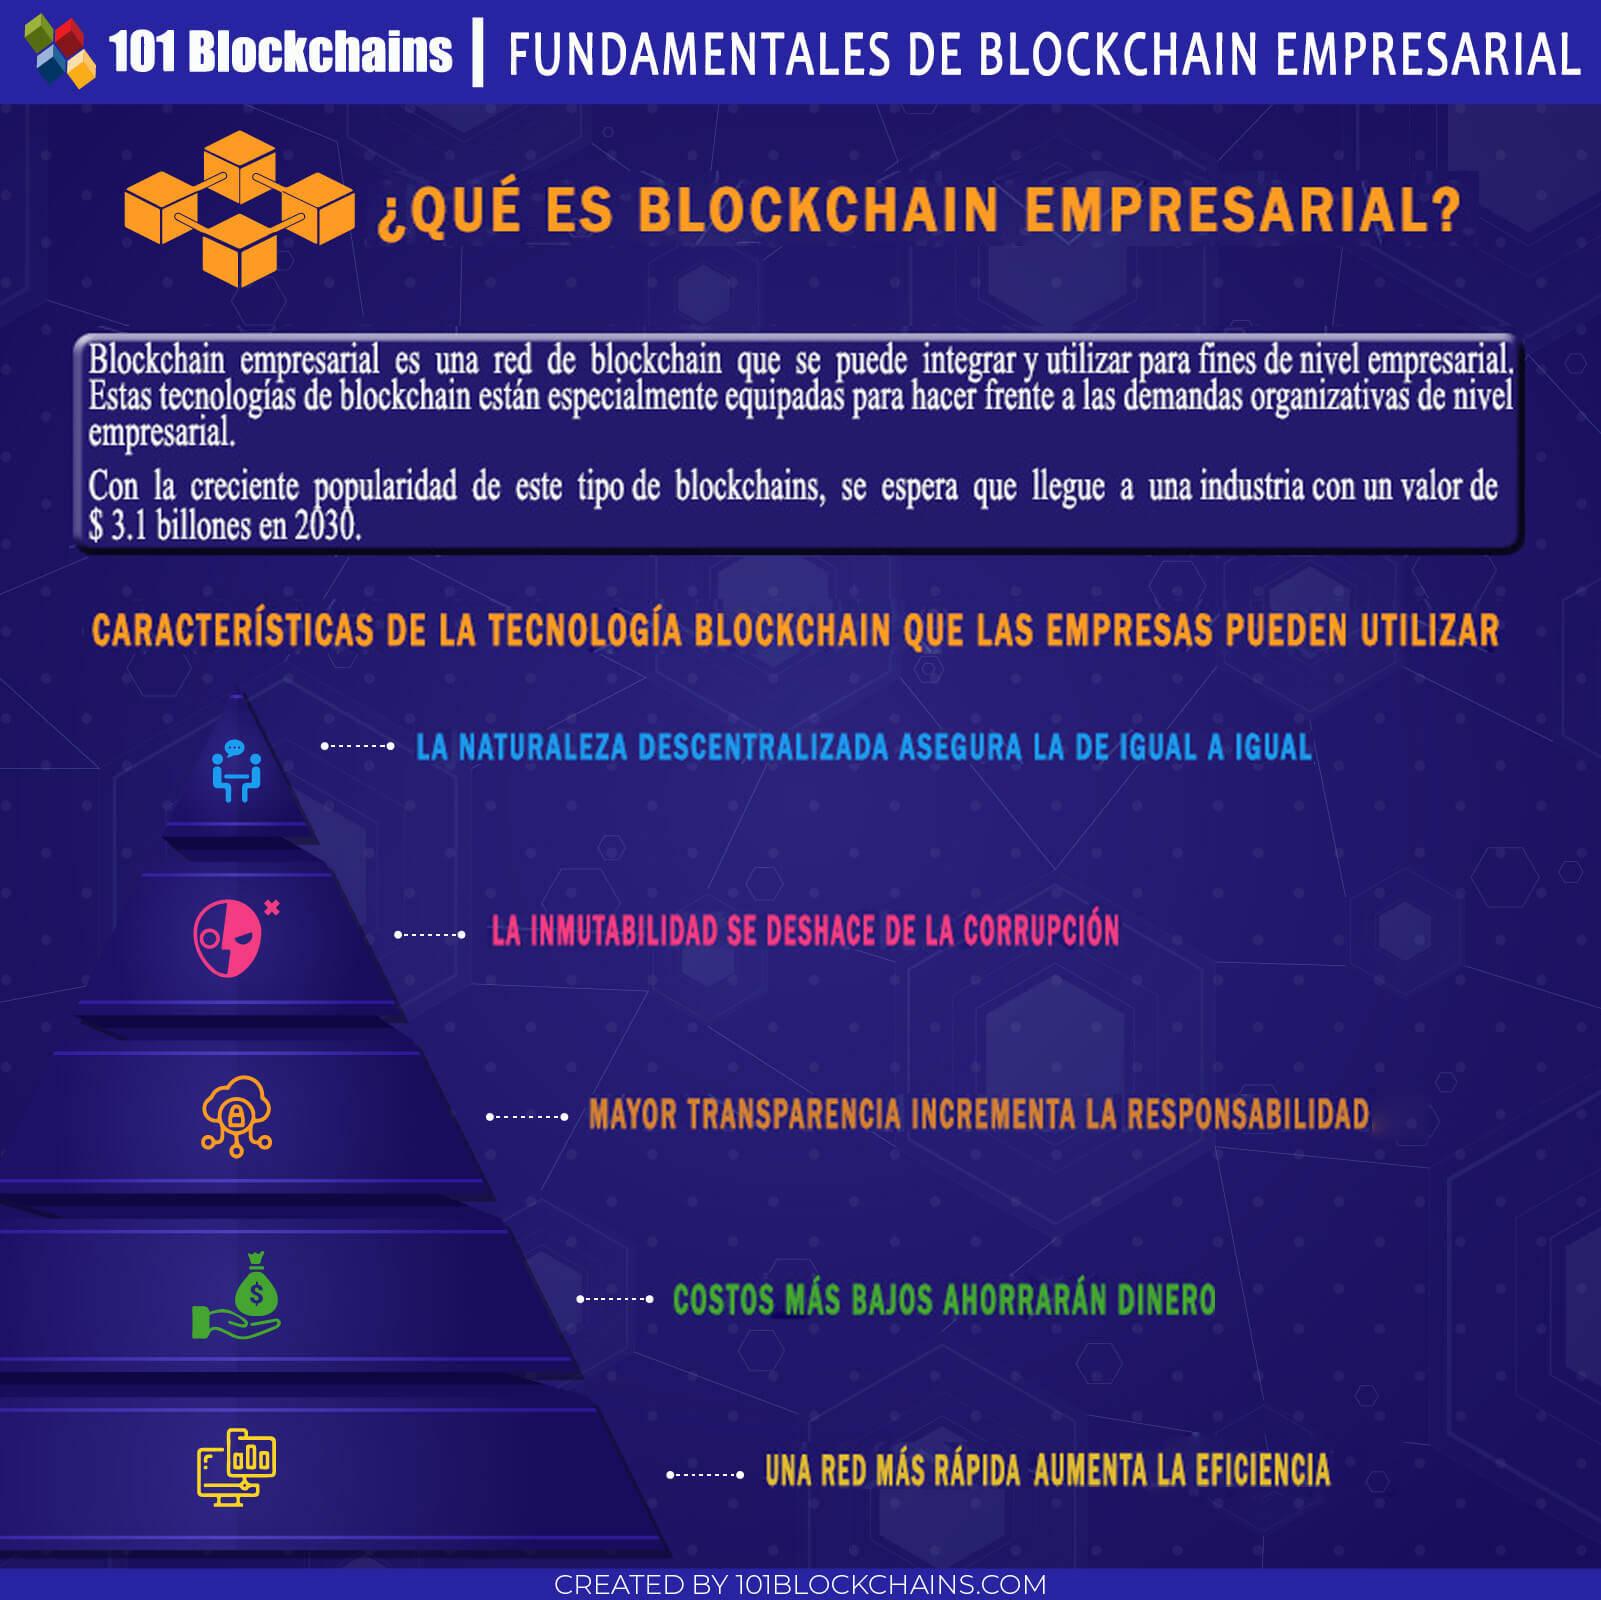 FUNDAMENTALES DE BLOCKCHAIN EMPRESARIAL